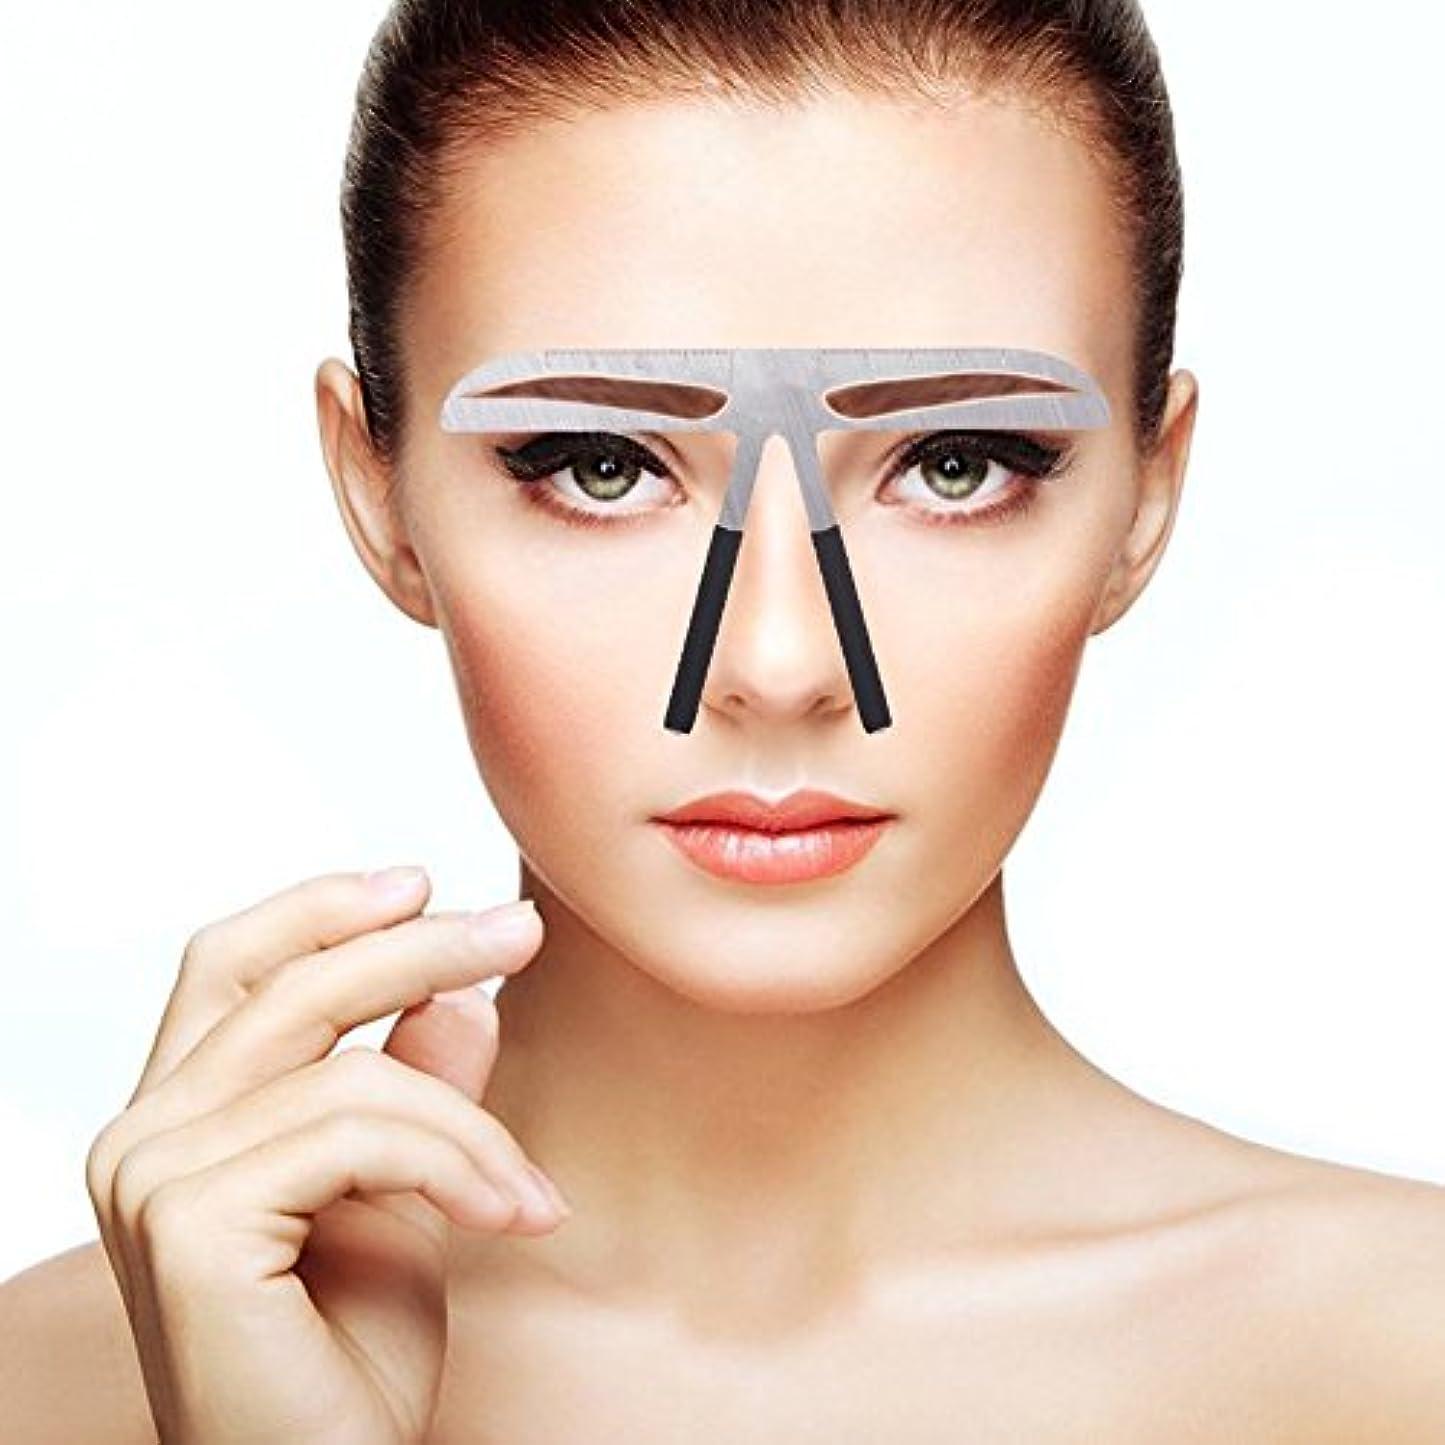 紳士気取りの、きざなみなす未払い眉毛テンプレート 眉毛の定規 メイクアップ 美容ツール アイブローテンプレート アートメイク用定規 美容用 恒久化粧ツール 左右対称 位置決め (02)